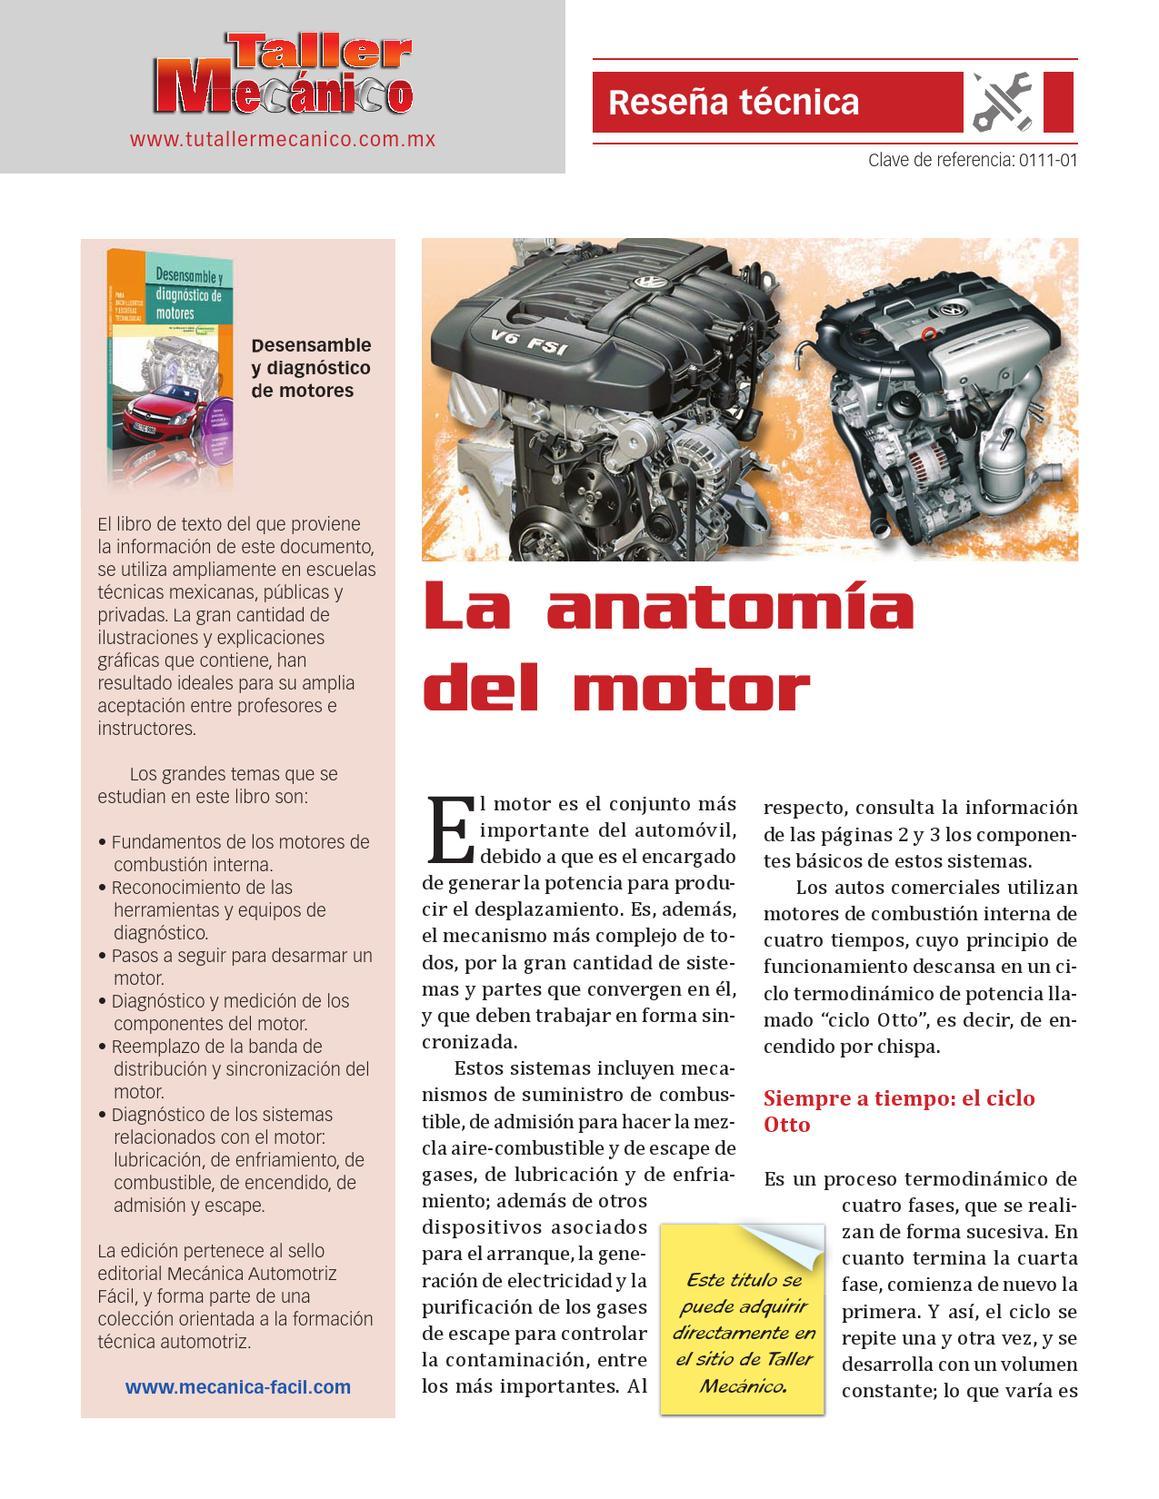 La anatomía del motor by Tu Taller Mecánico Editores - issuu